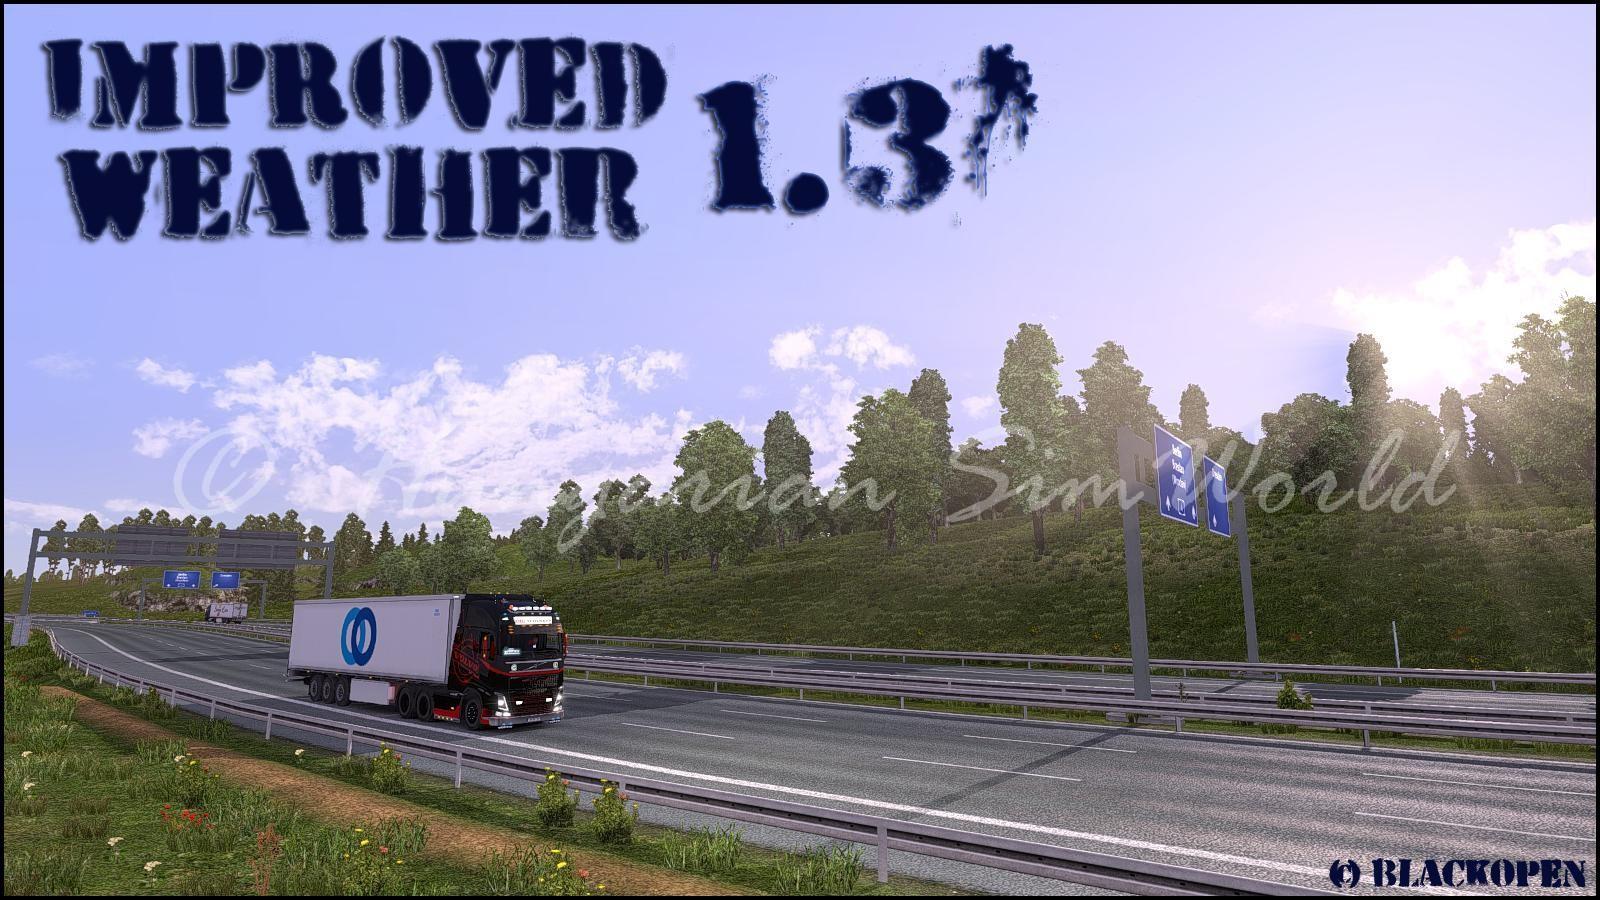 ETS2 Improved Weather v1.3.5